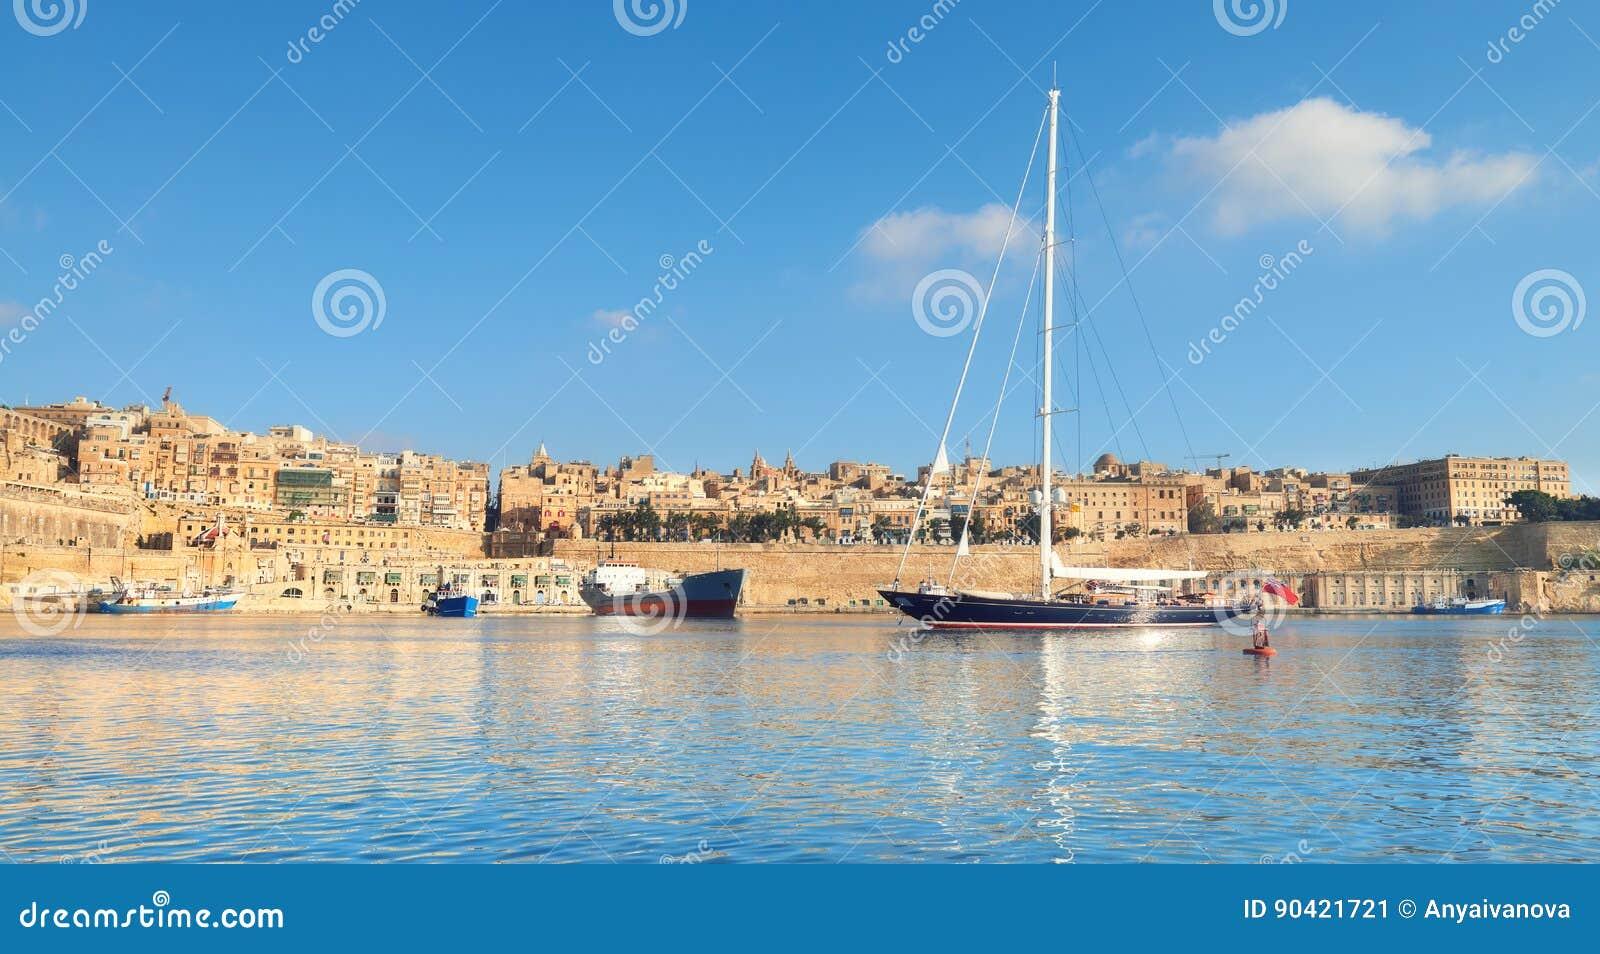 Το πλέοντας σκάφος μπαίνει στο μεγάλο κόλπο Valletta μια φωτεινή ημέρα, πανόραμα